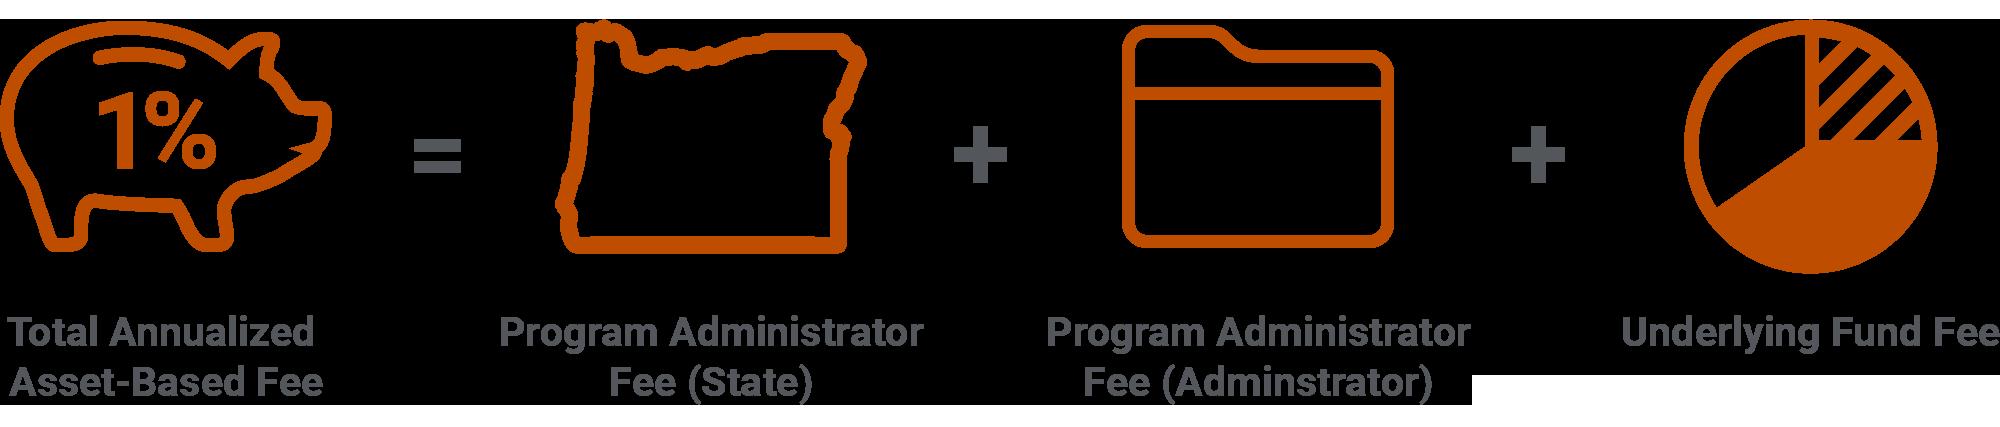 fee_equation_v3.png